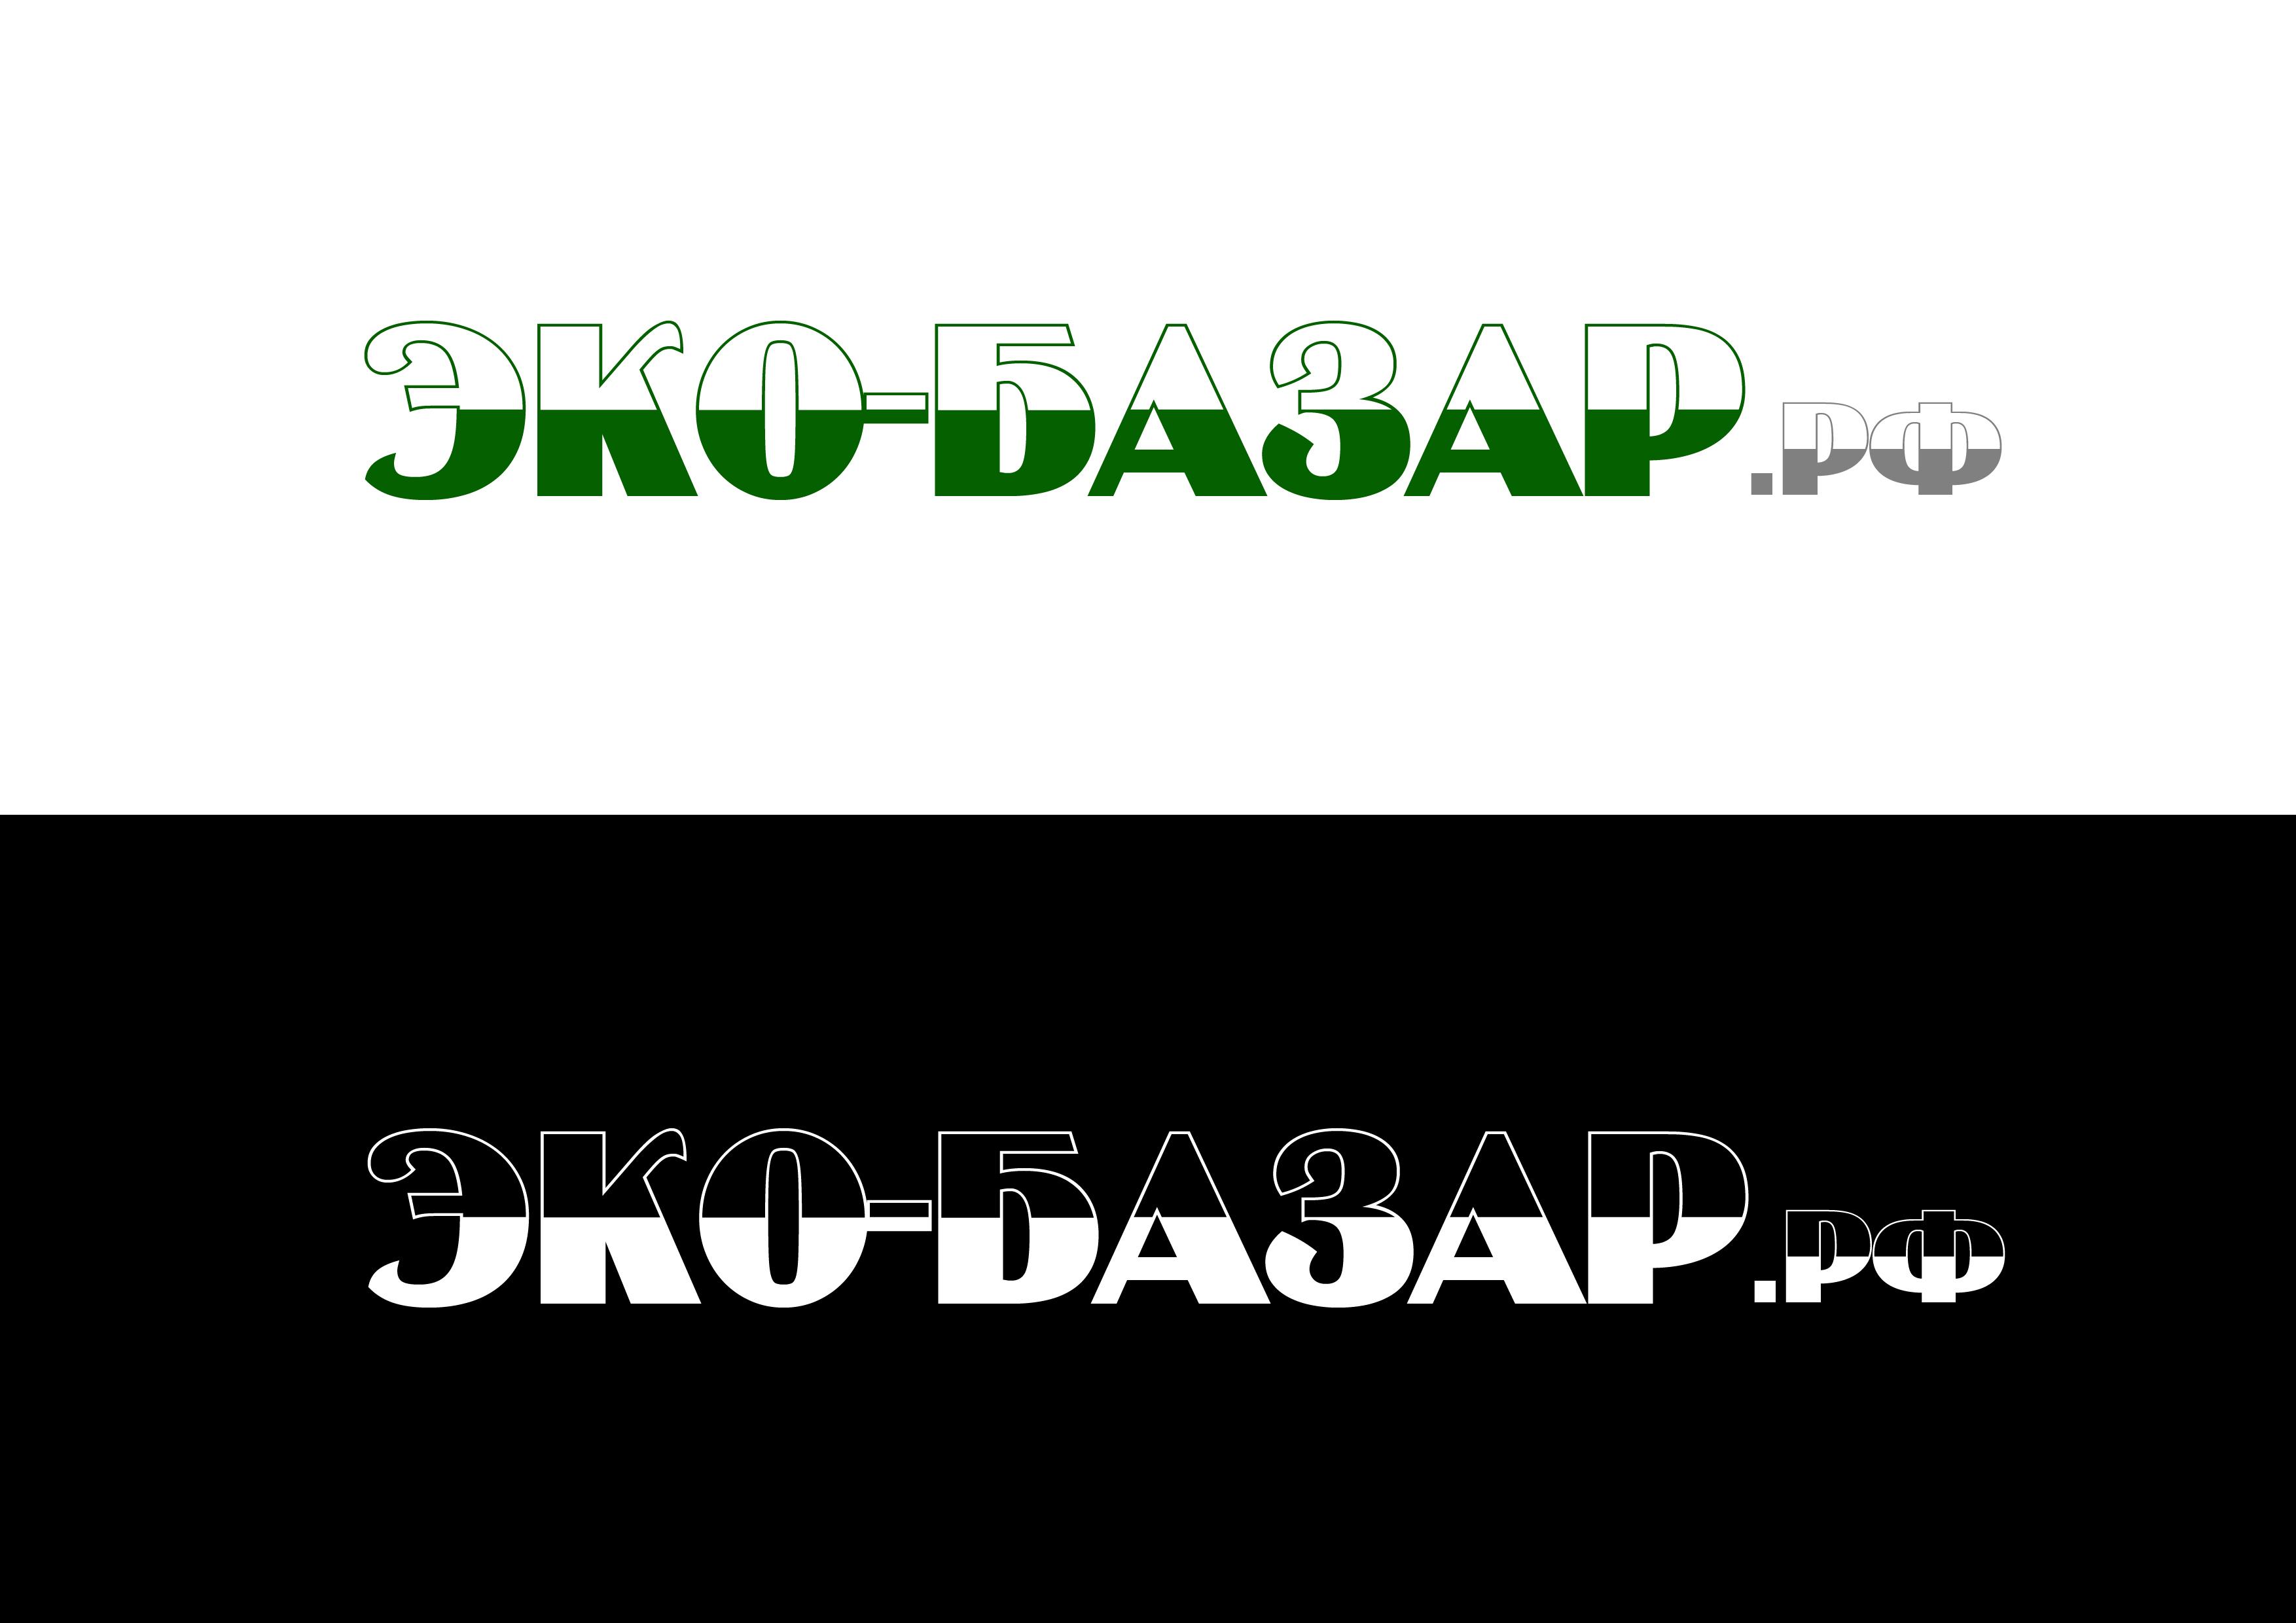 Логотип компании натуральных (фермерских) продуктов фото f_7845941760661f2f.jpg